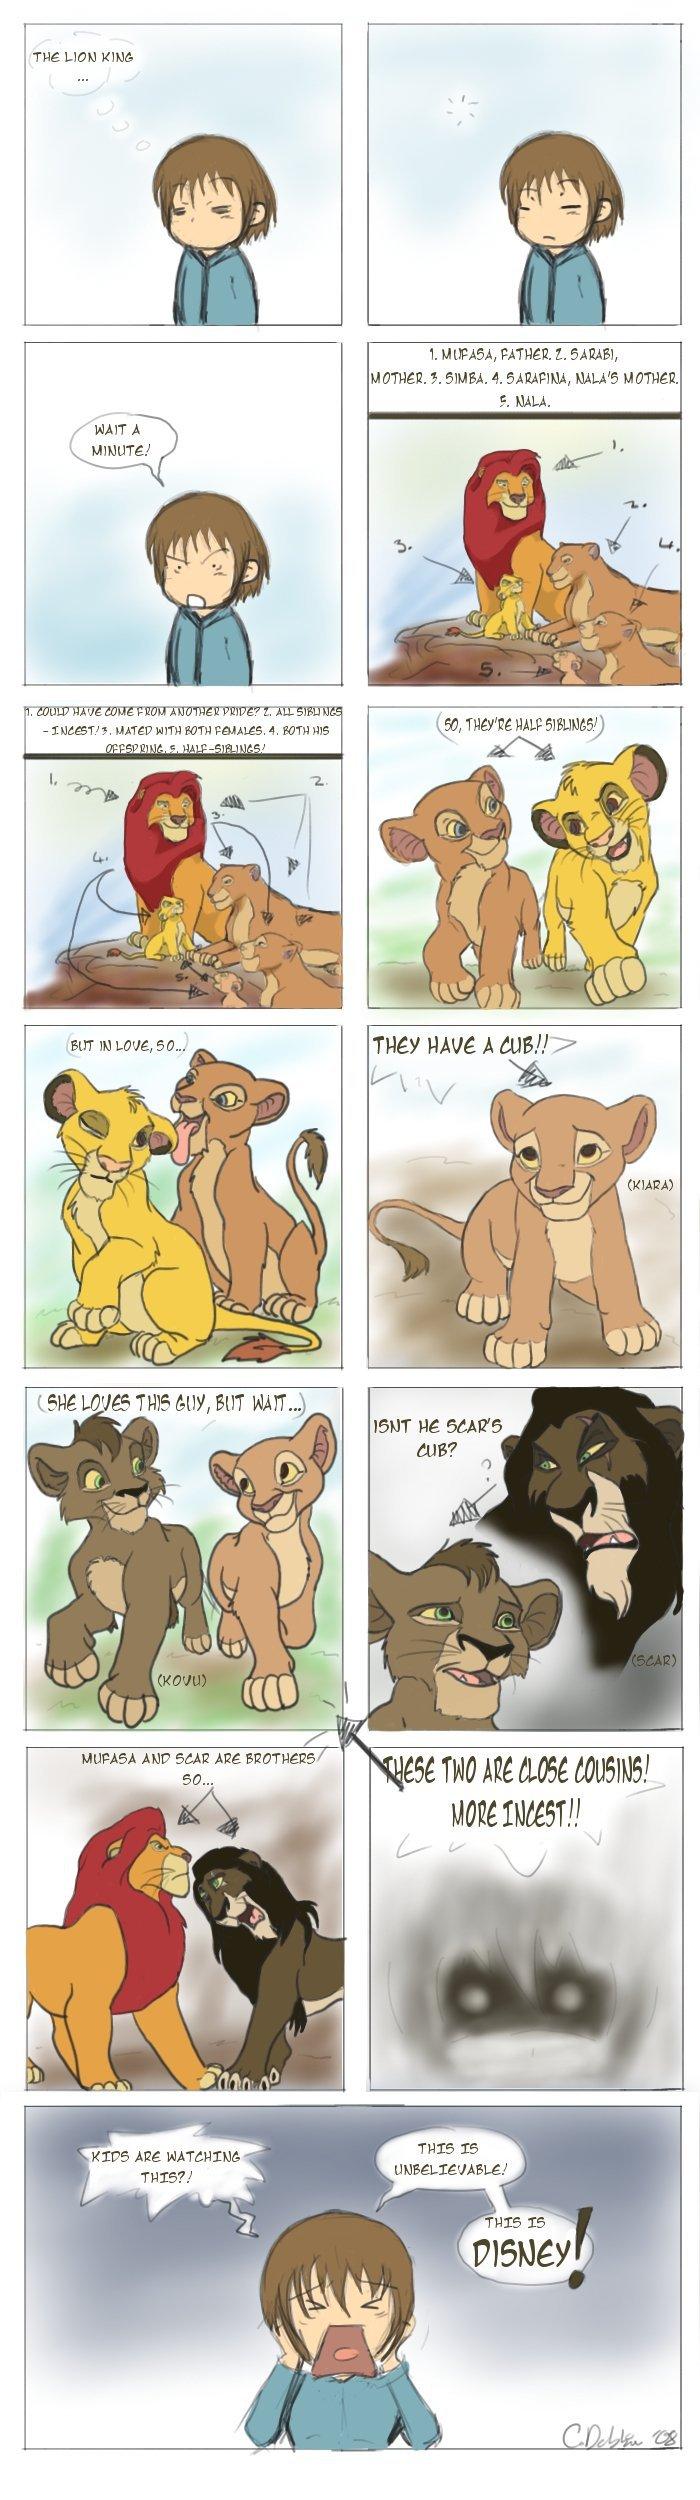 Mufasa clipart lion pride #7